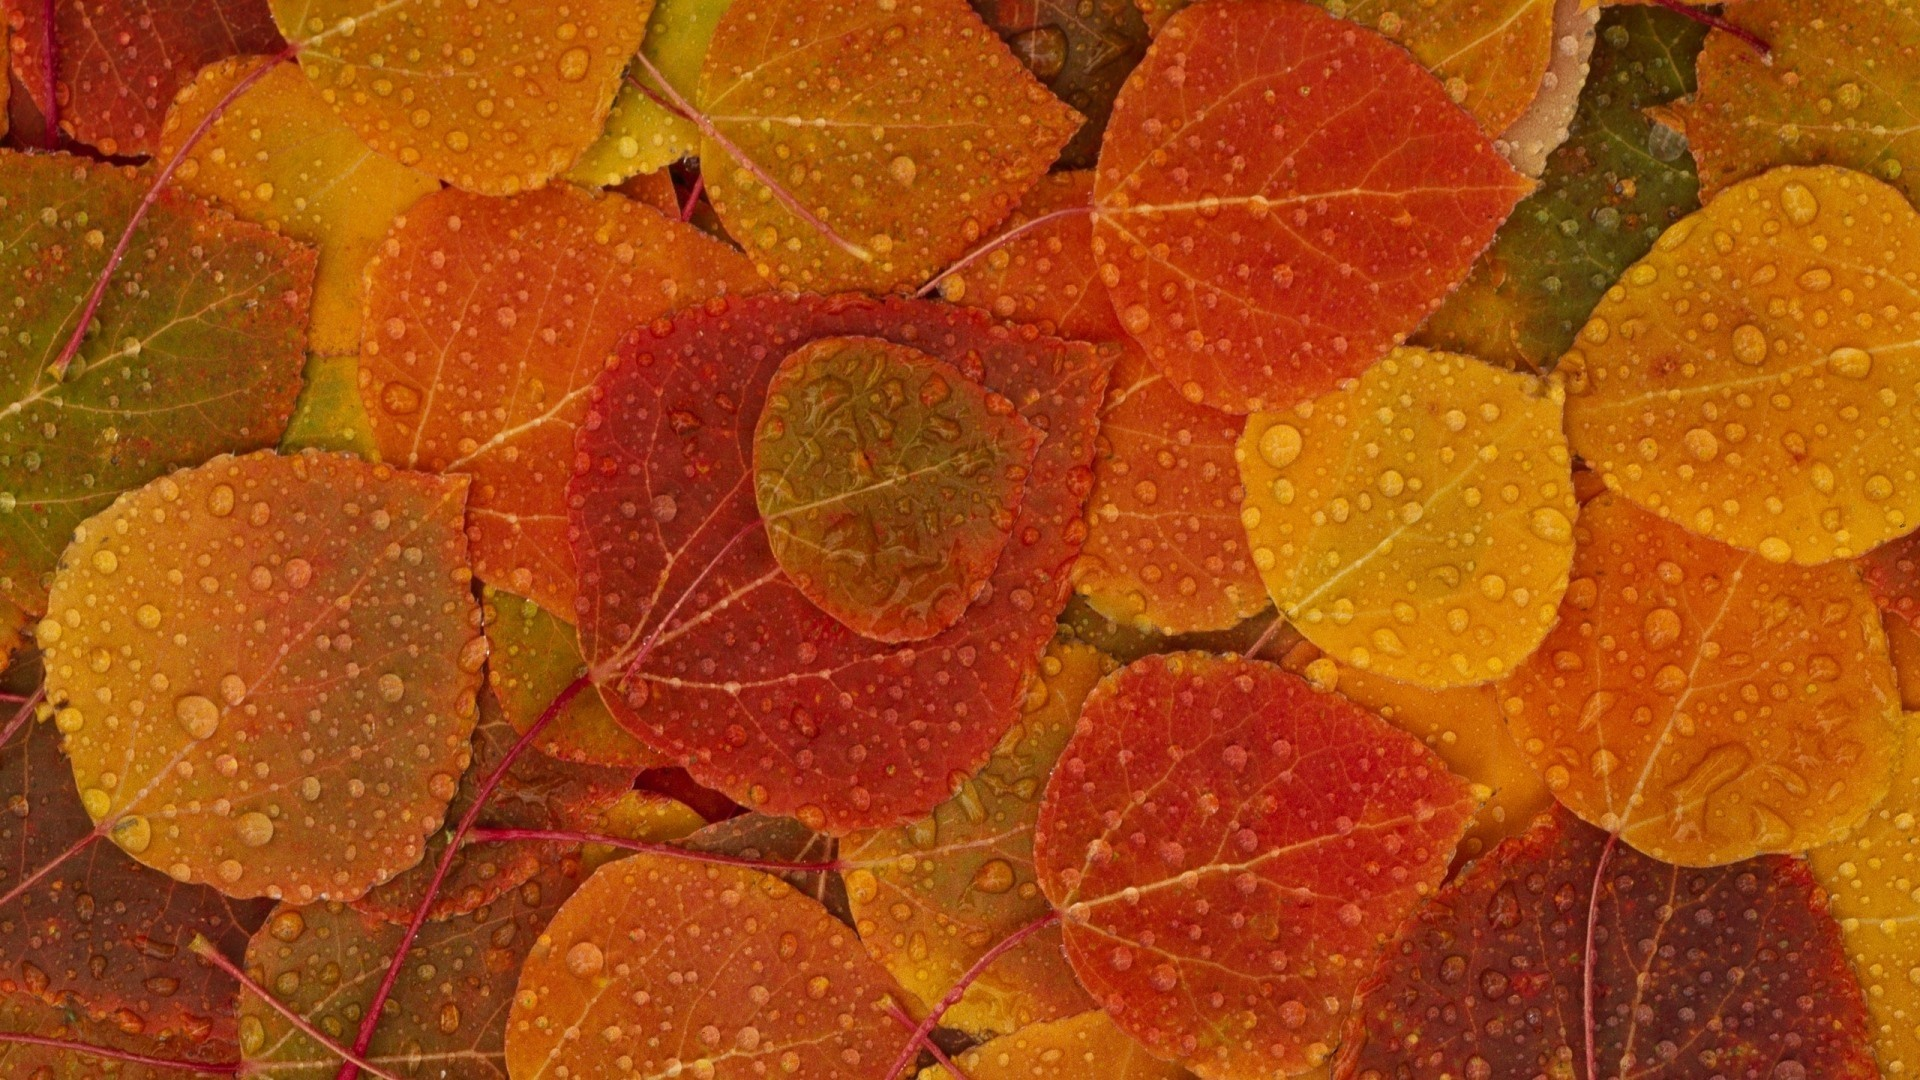 Fall Leaves hd desktop wallpaper